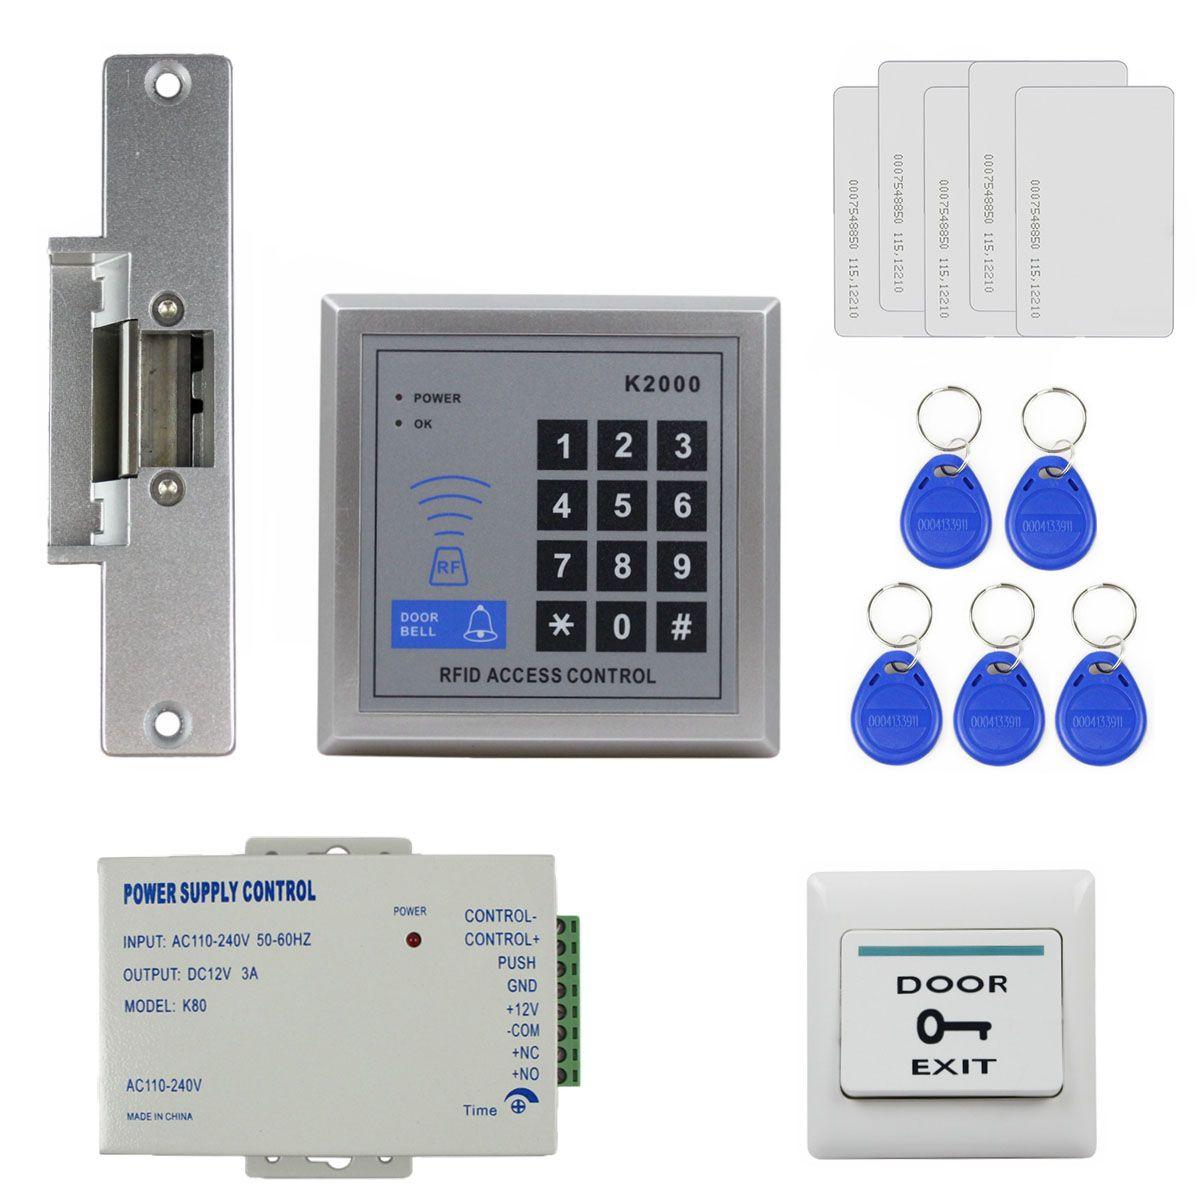 DIYSECUR 액세스 제어 시스템 원격 제어 RFID 리더 전체 키트 세트 + 전기 타격 도어록 + 전원 공급 장치 K2000